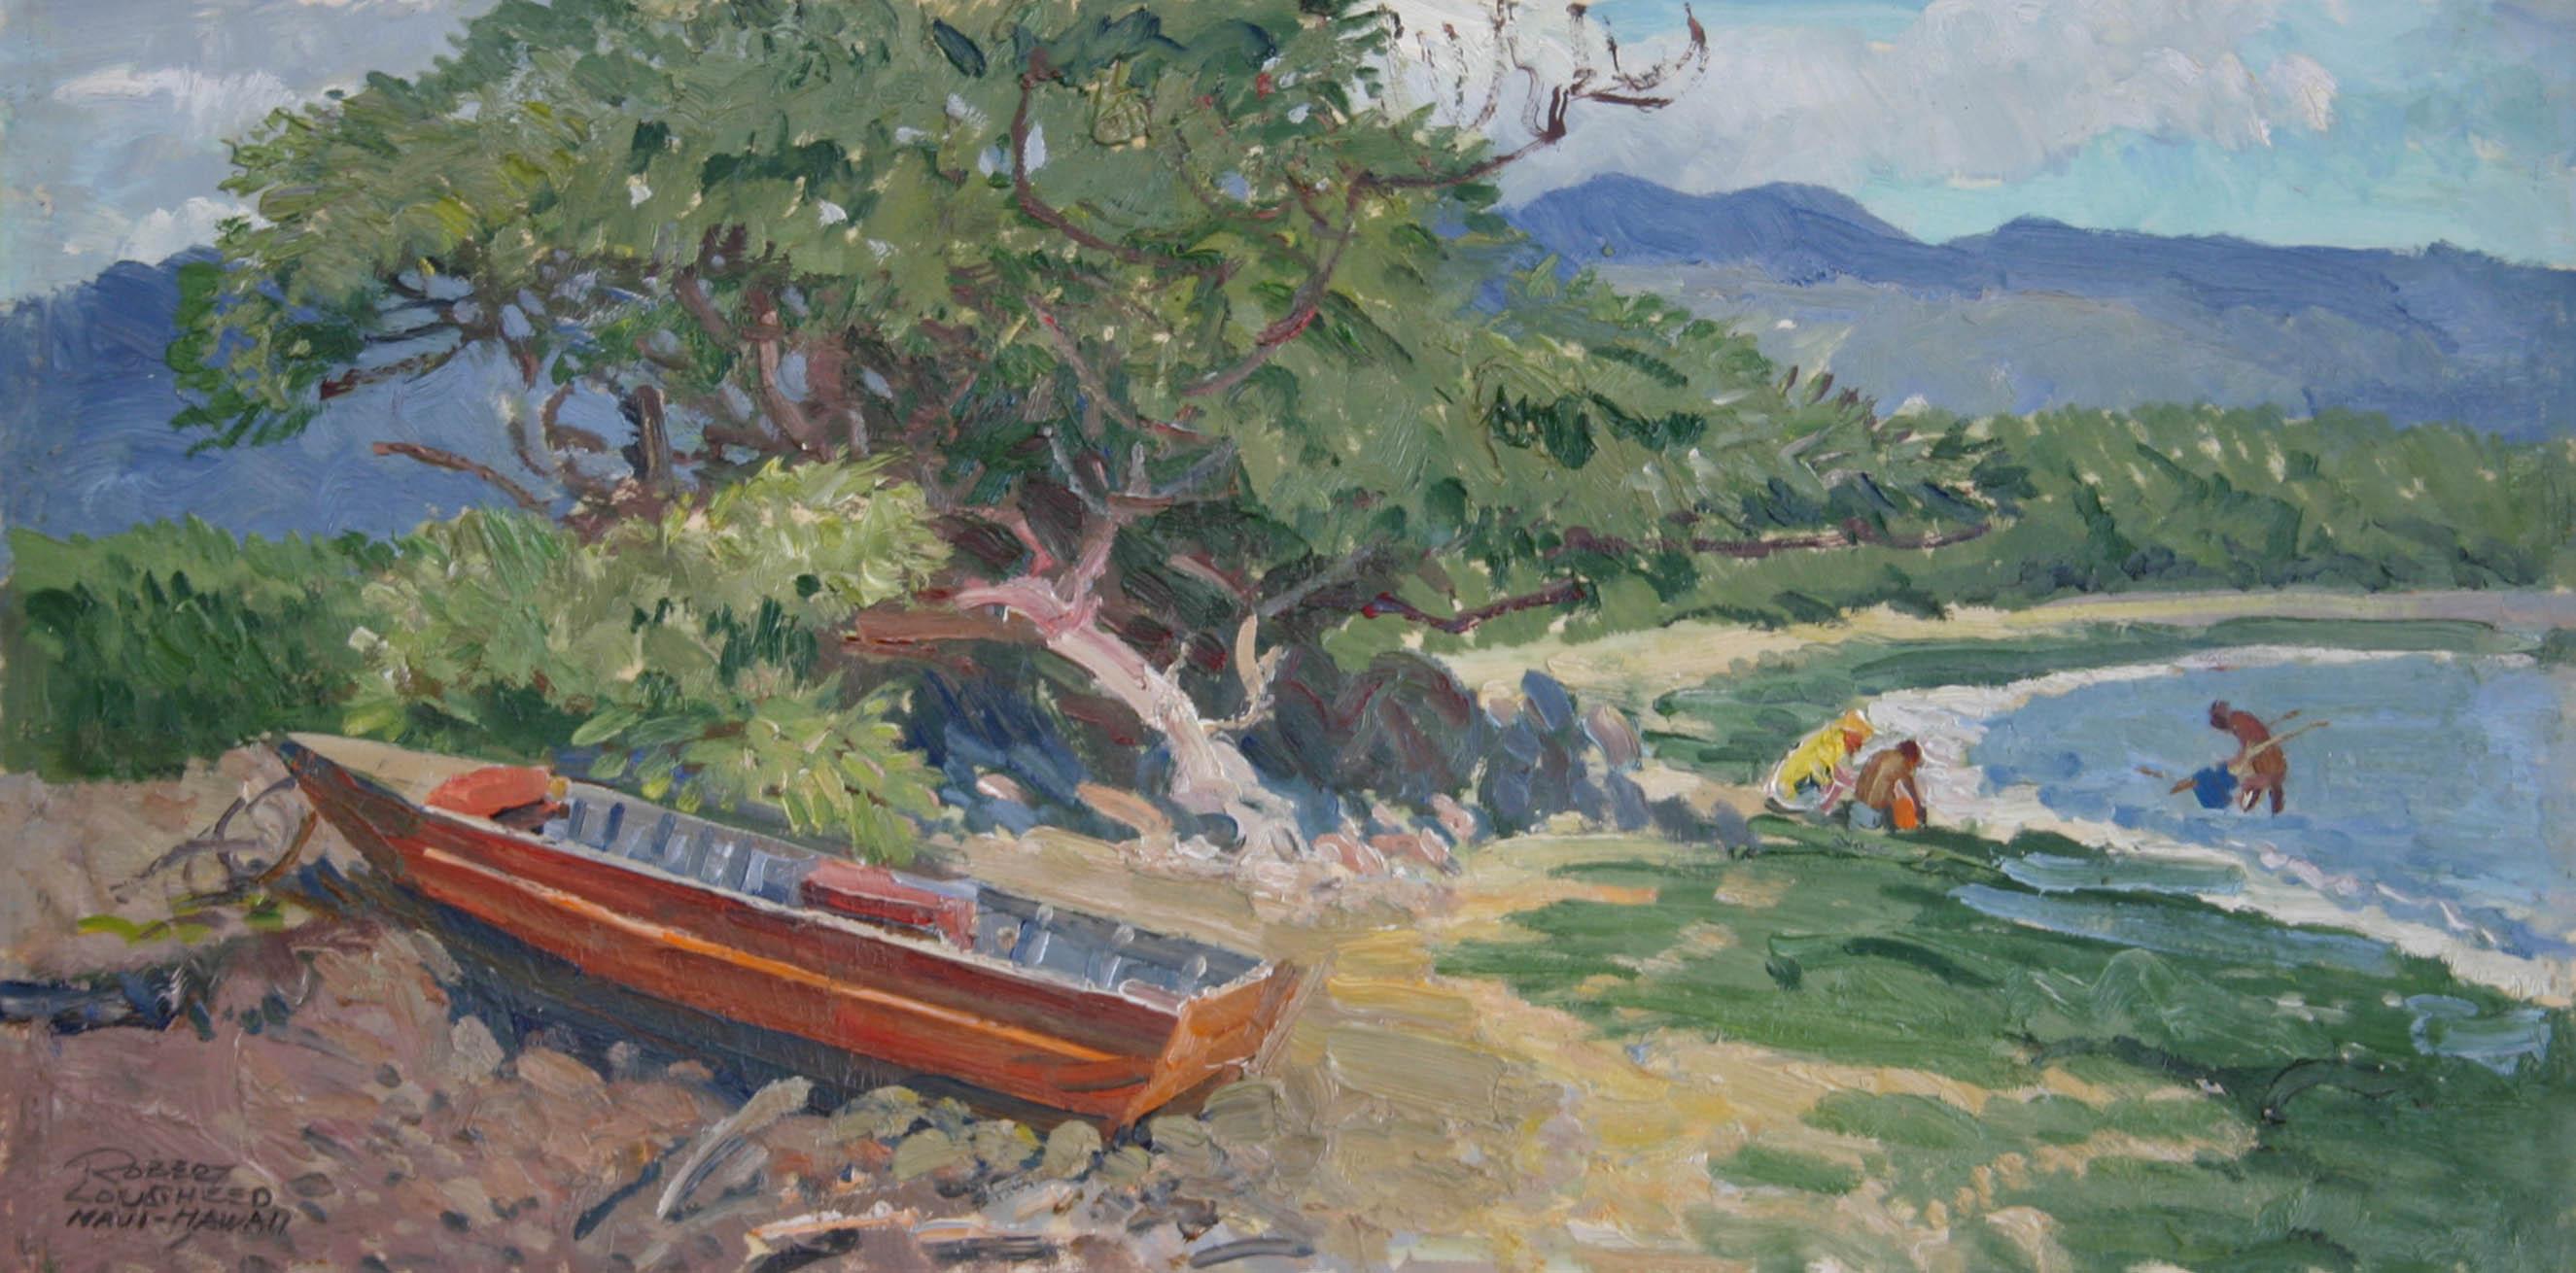 Bait Netters - Maui, ... by  Robert Lougheed - Masterpiece Online